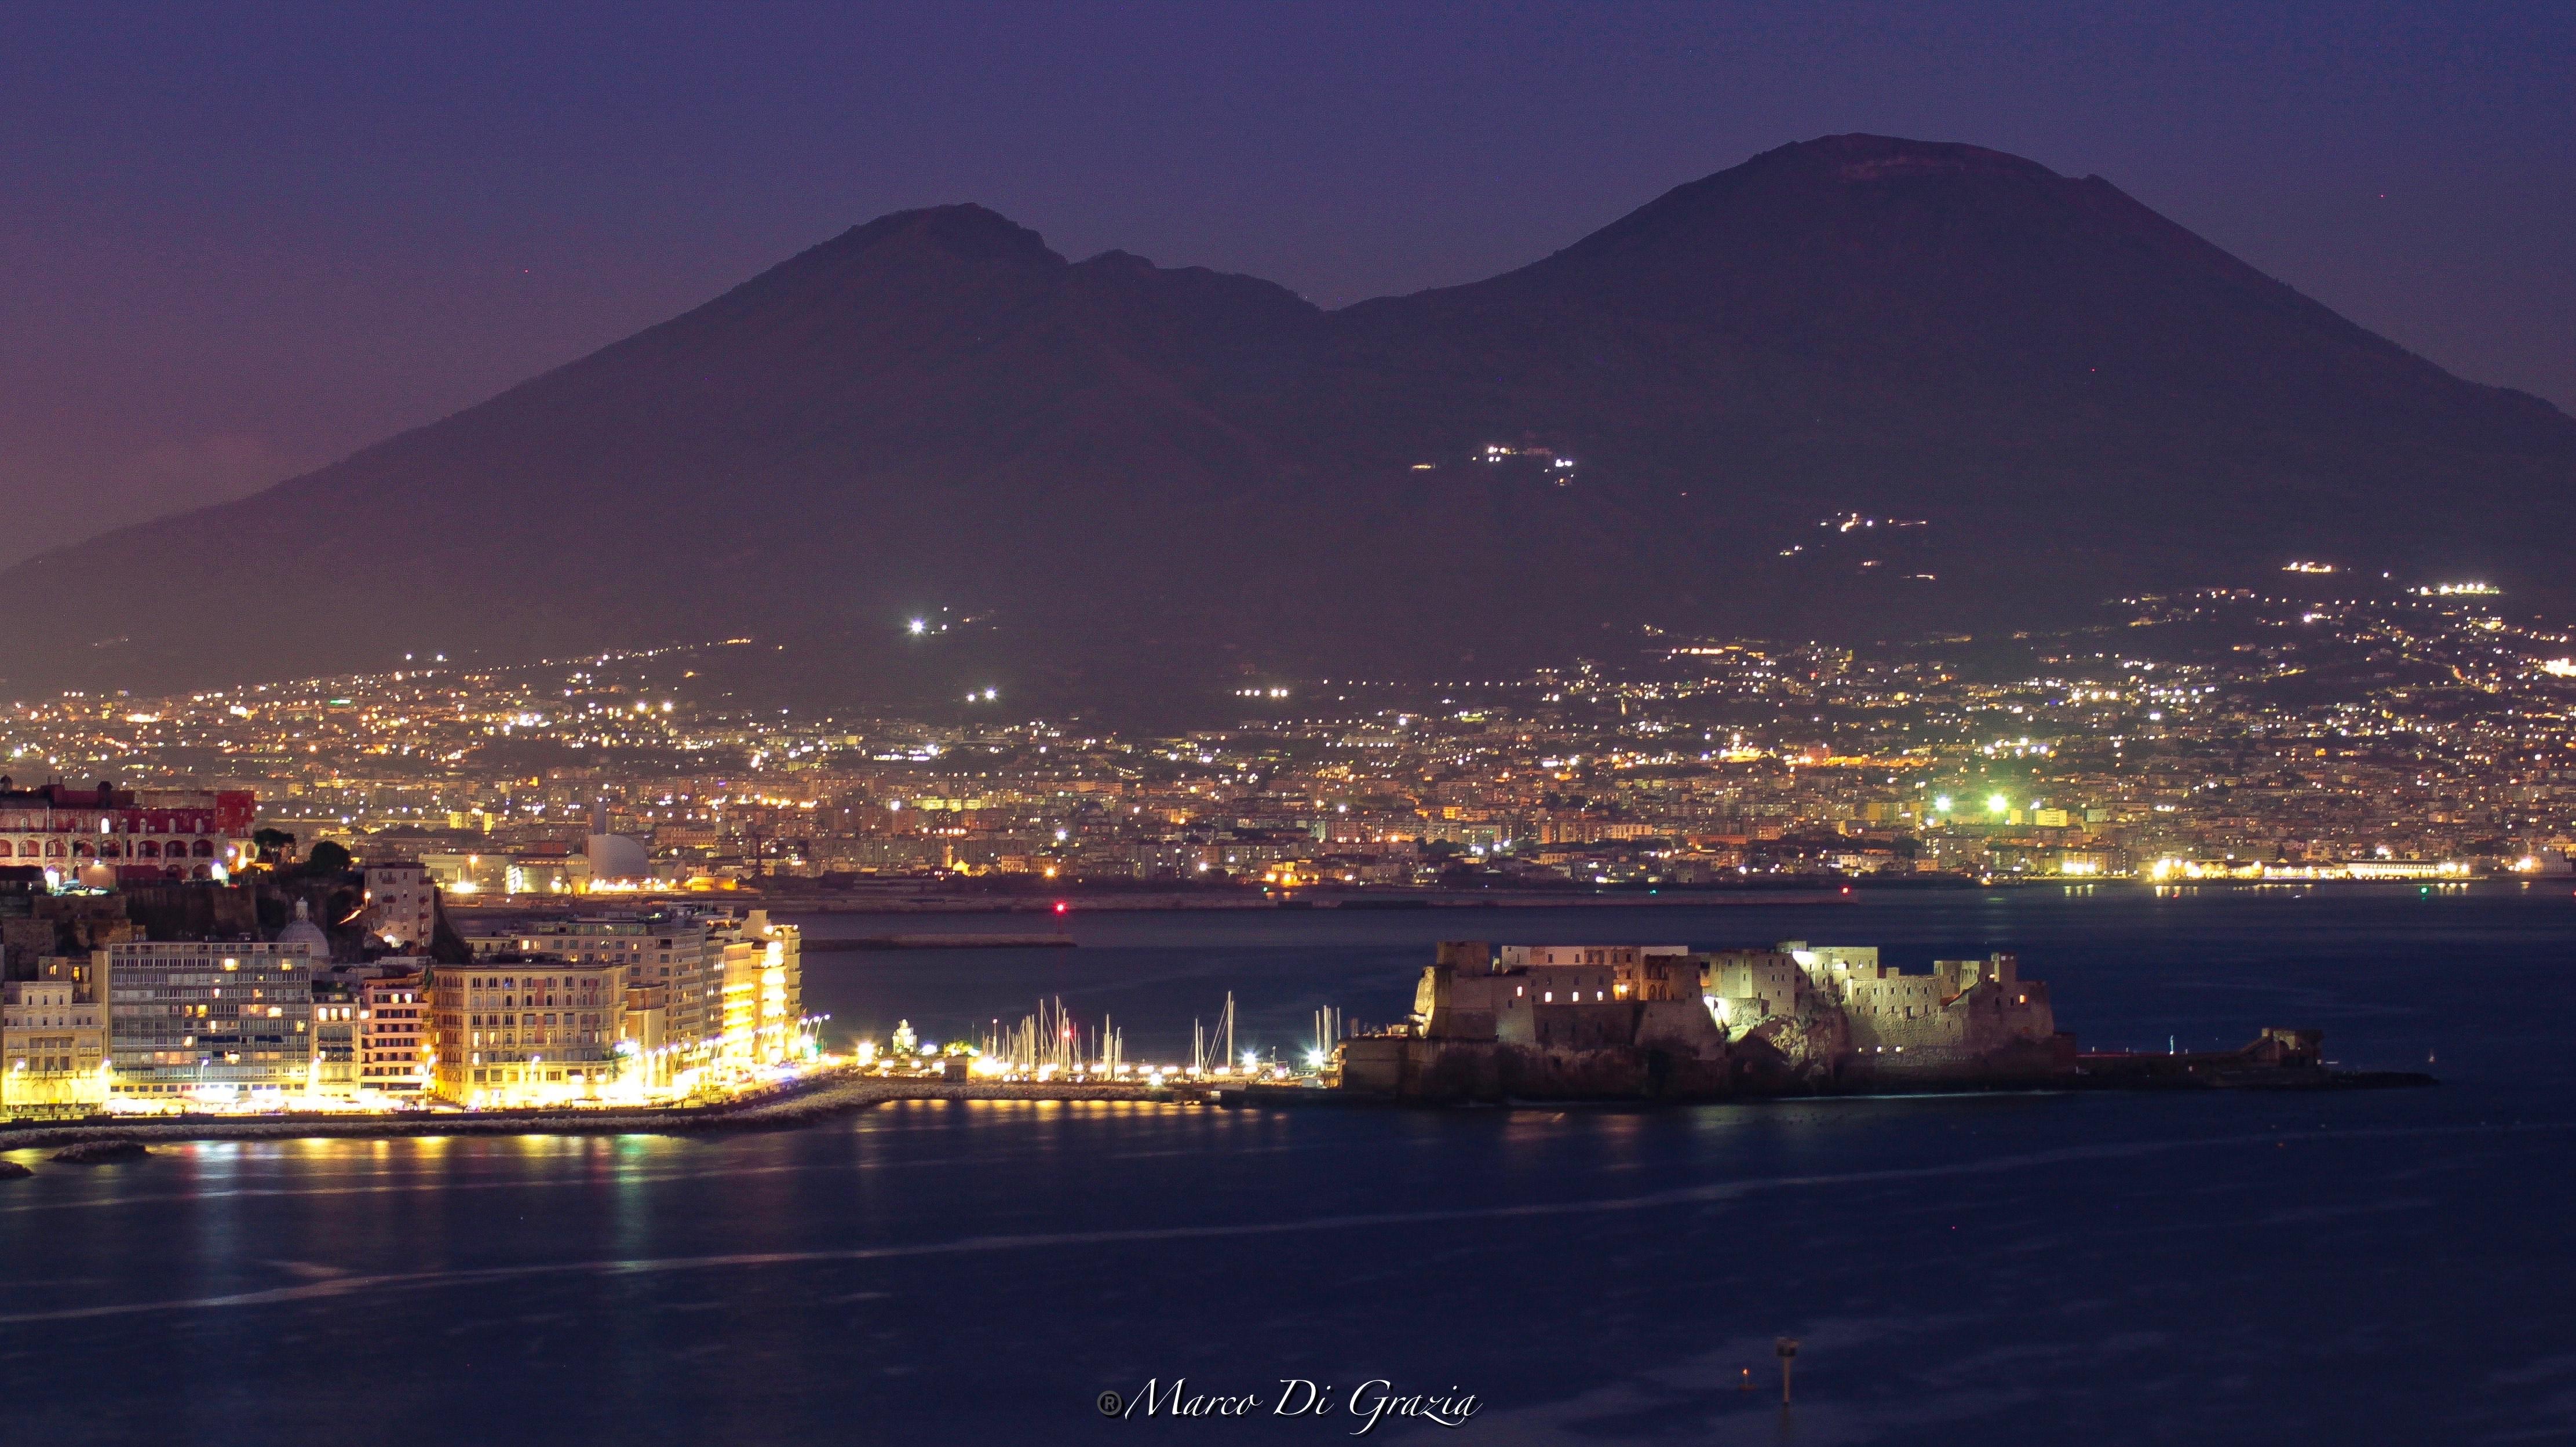 Notte D Arte 2019 La Notte Bianca Nel Centro Storico Di Napoli Programma Completo Napoli Da Vivere